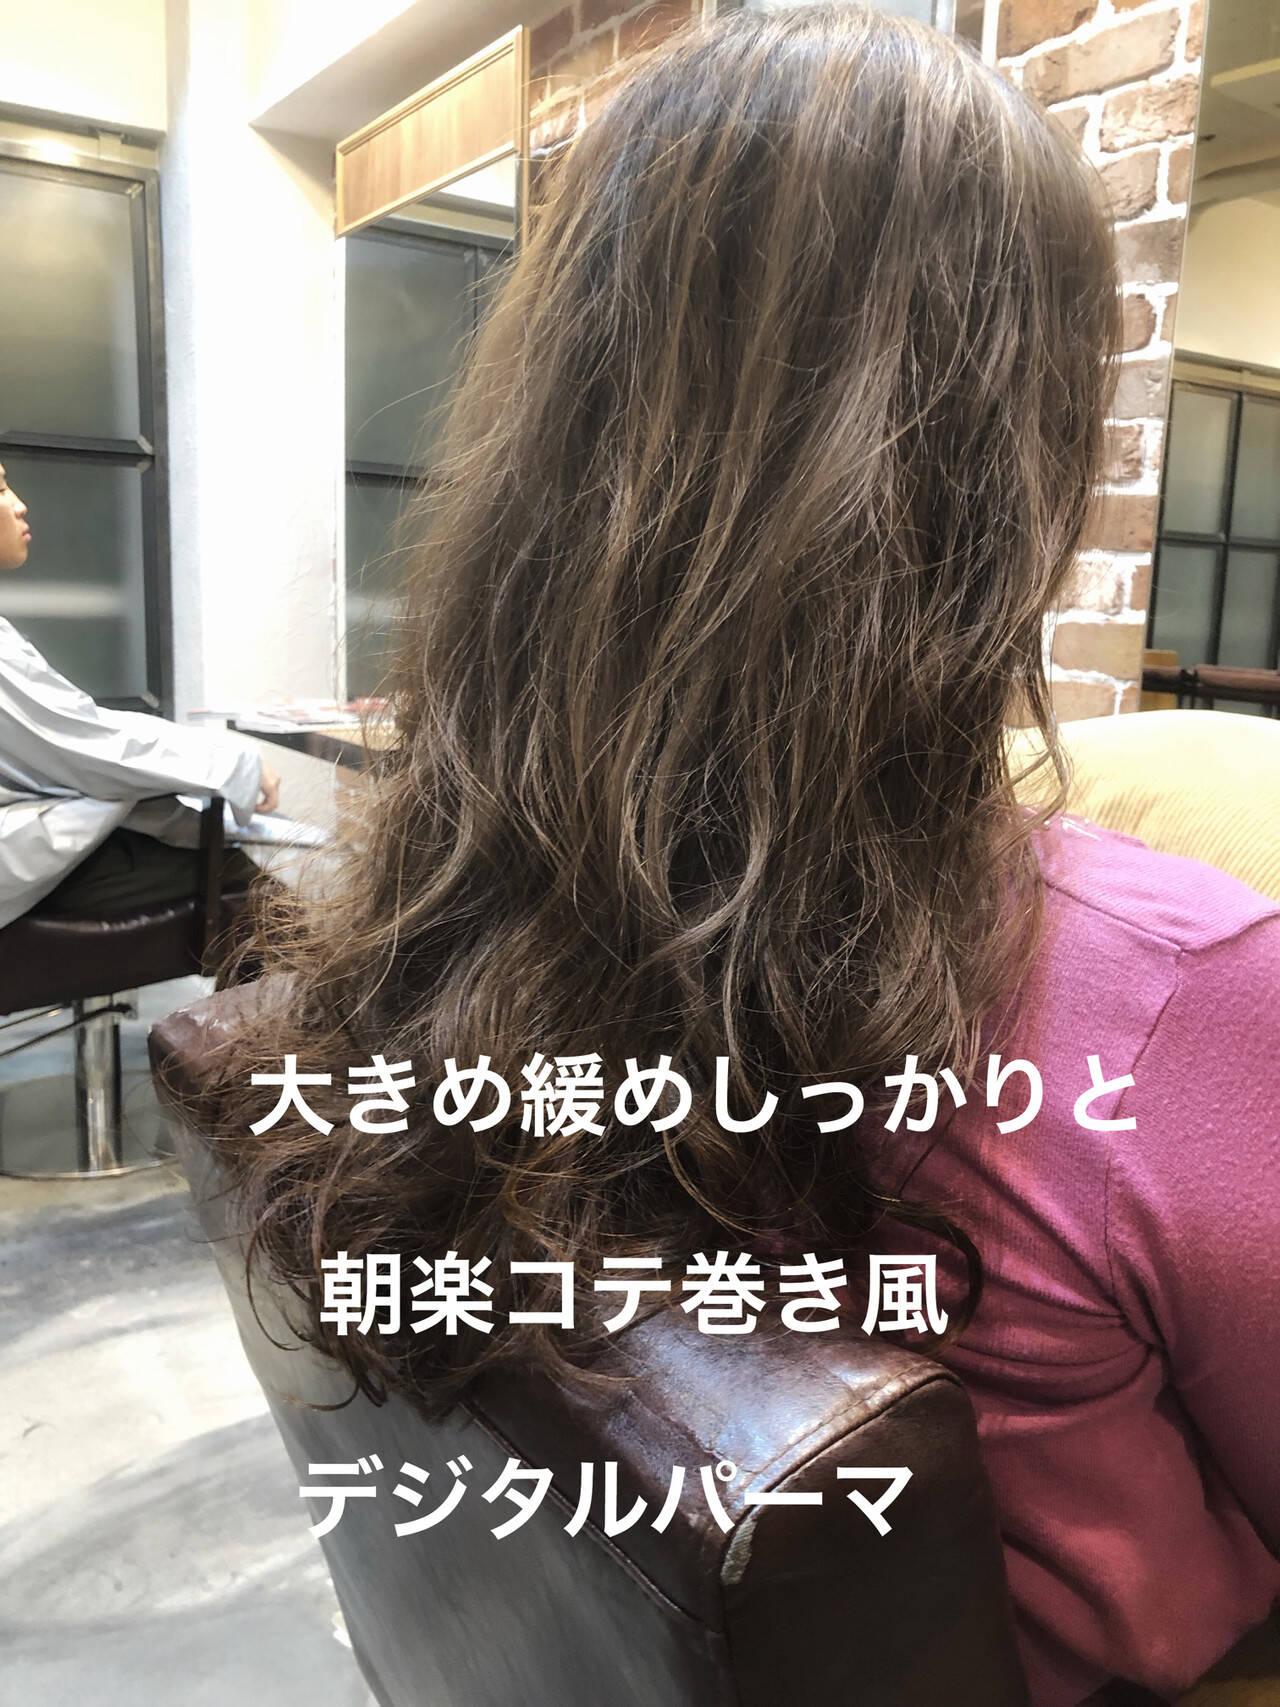 アンニュイほつれヘア ゆるふわパーマ ナチュラル パーマヘアスタイルや髪型の写真・画像